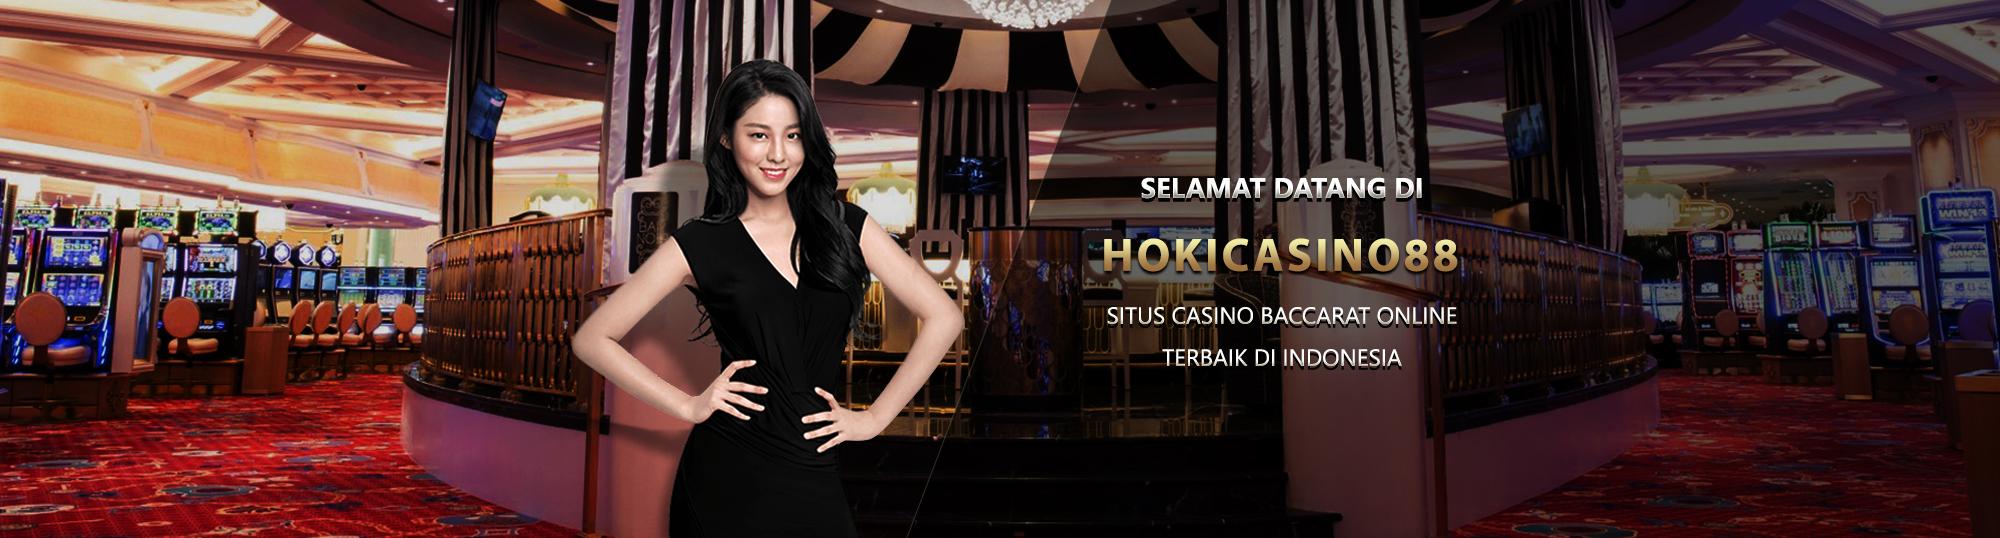 Selamat Datang di HokiCasino88